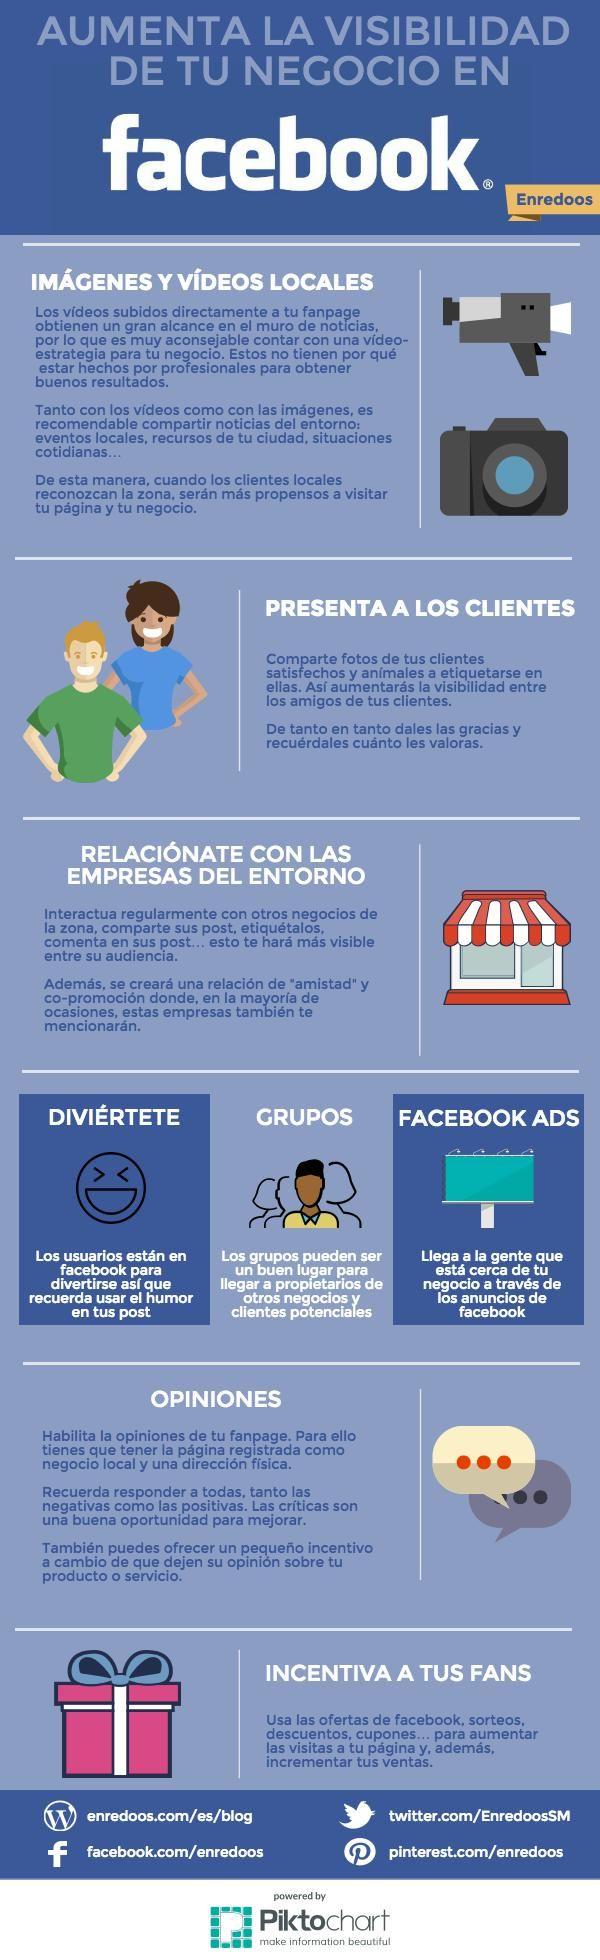 Aumenta la visibilidad de tu empresa en Facebook #